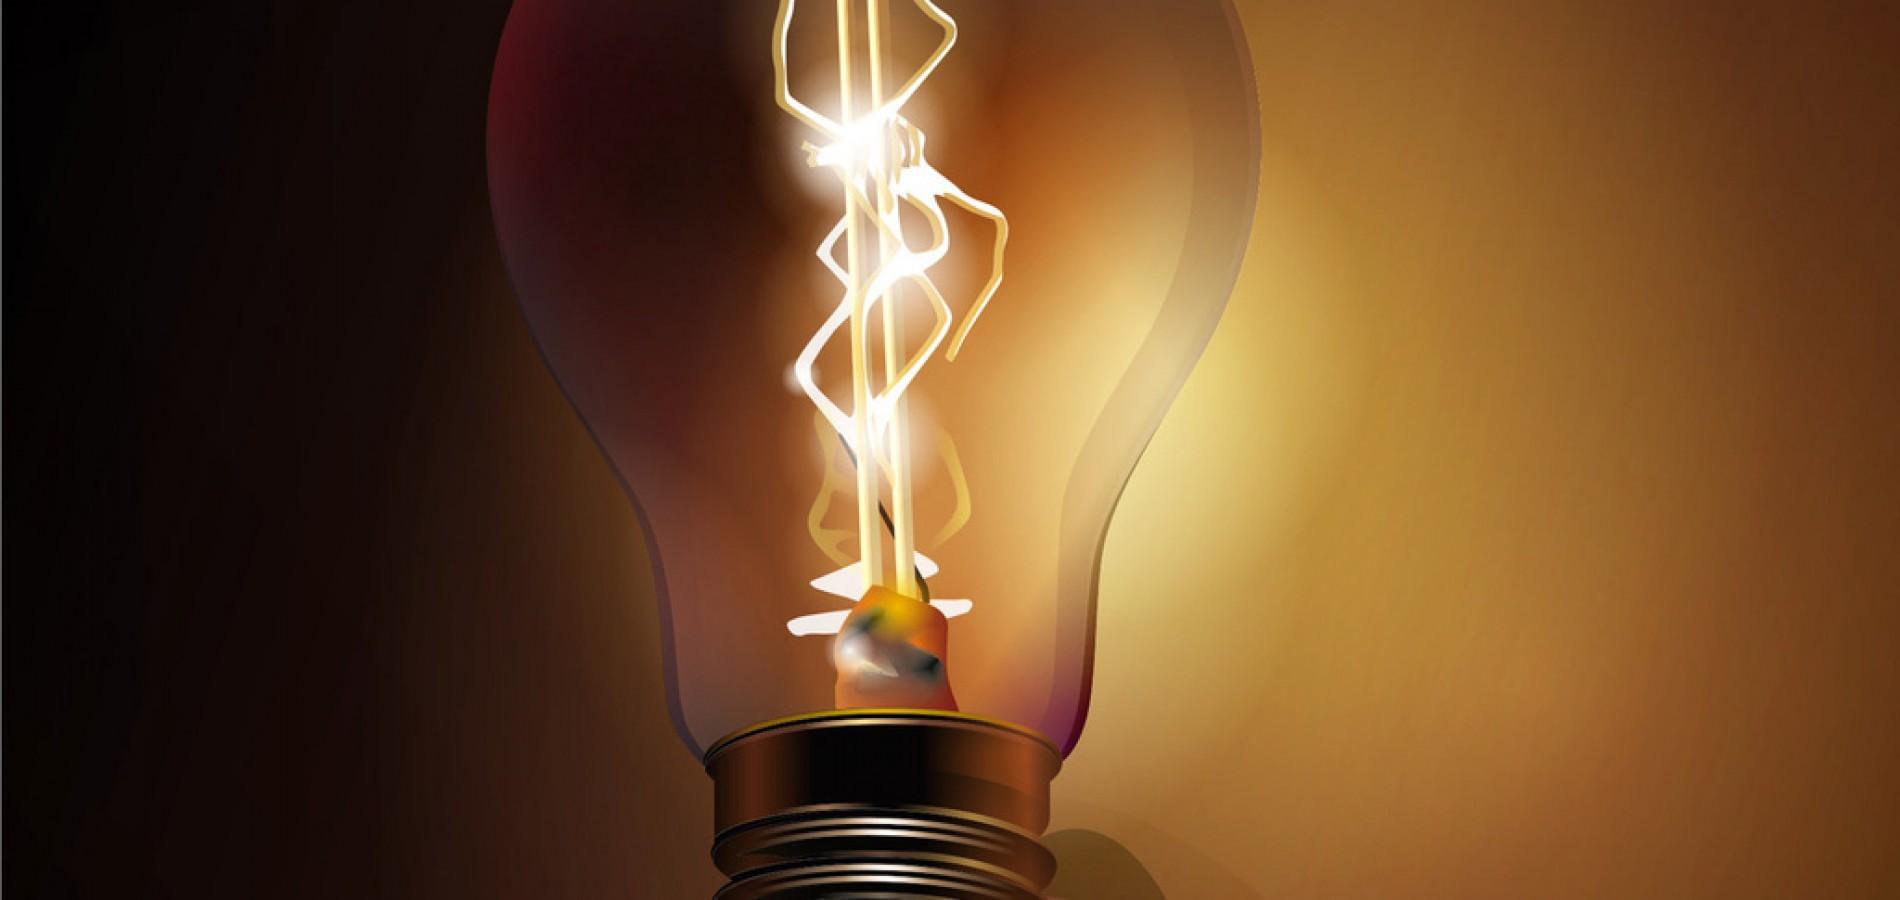 Piauí possui o 2º pior índice de fornecimento de energia do Brasil